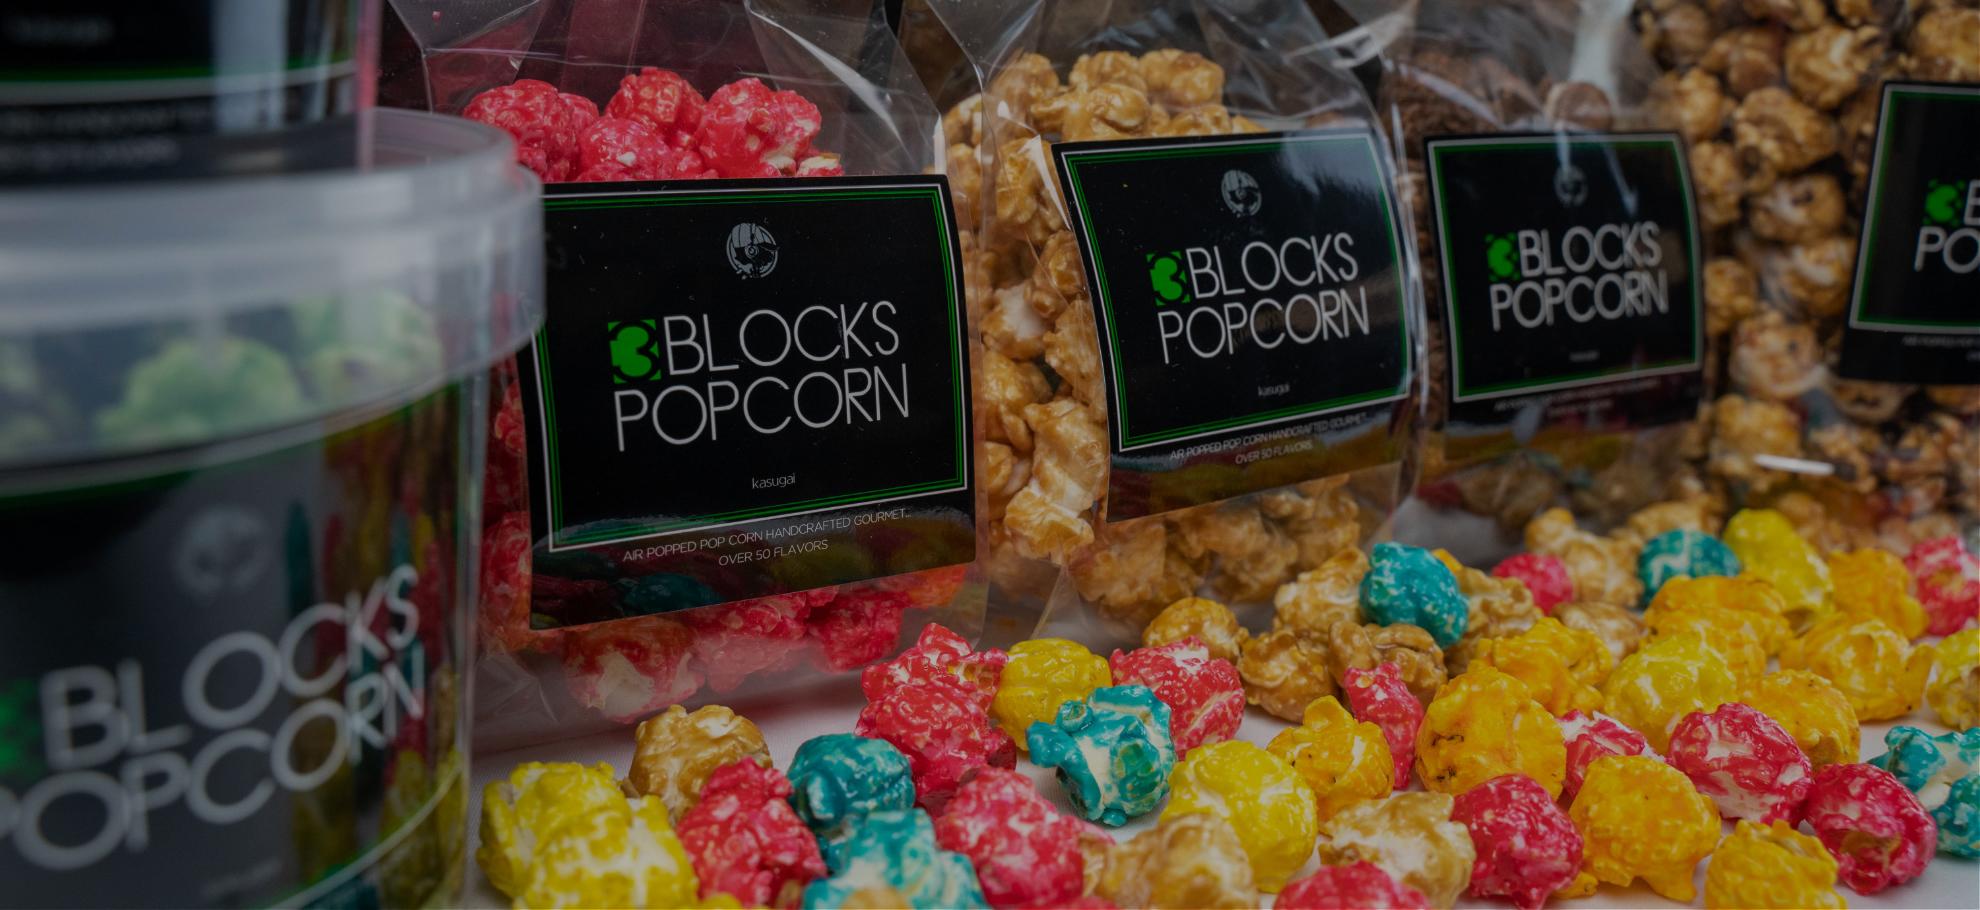 3BLOCKS POPCORNのイメージ写真1